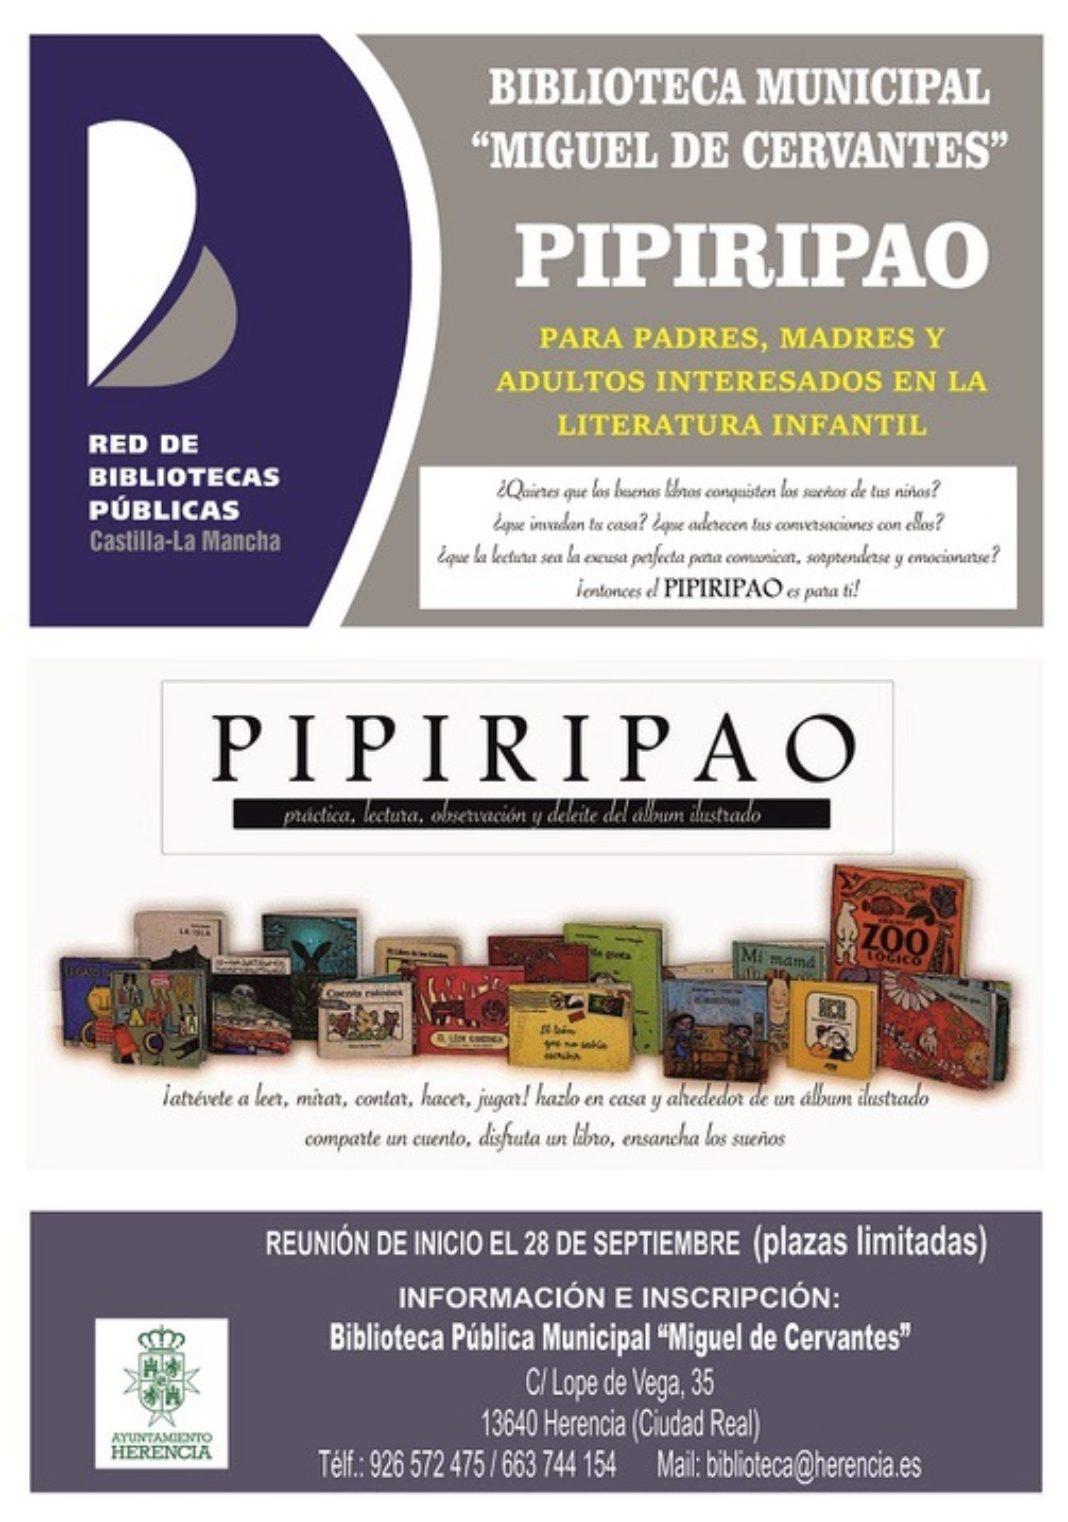 """Cartel Pipiripao 19 20 1068x1522 - La biblioteca municipal prepara una nueva edición del """"Pipiripao"""""""